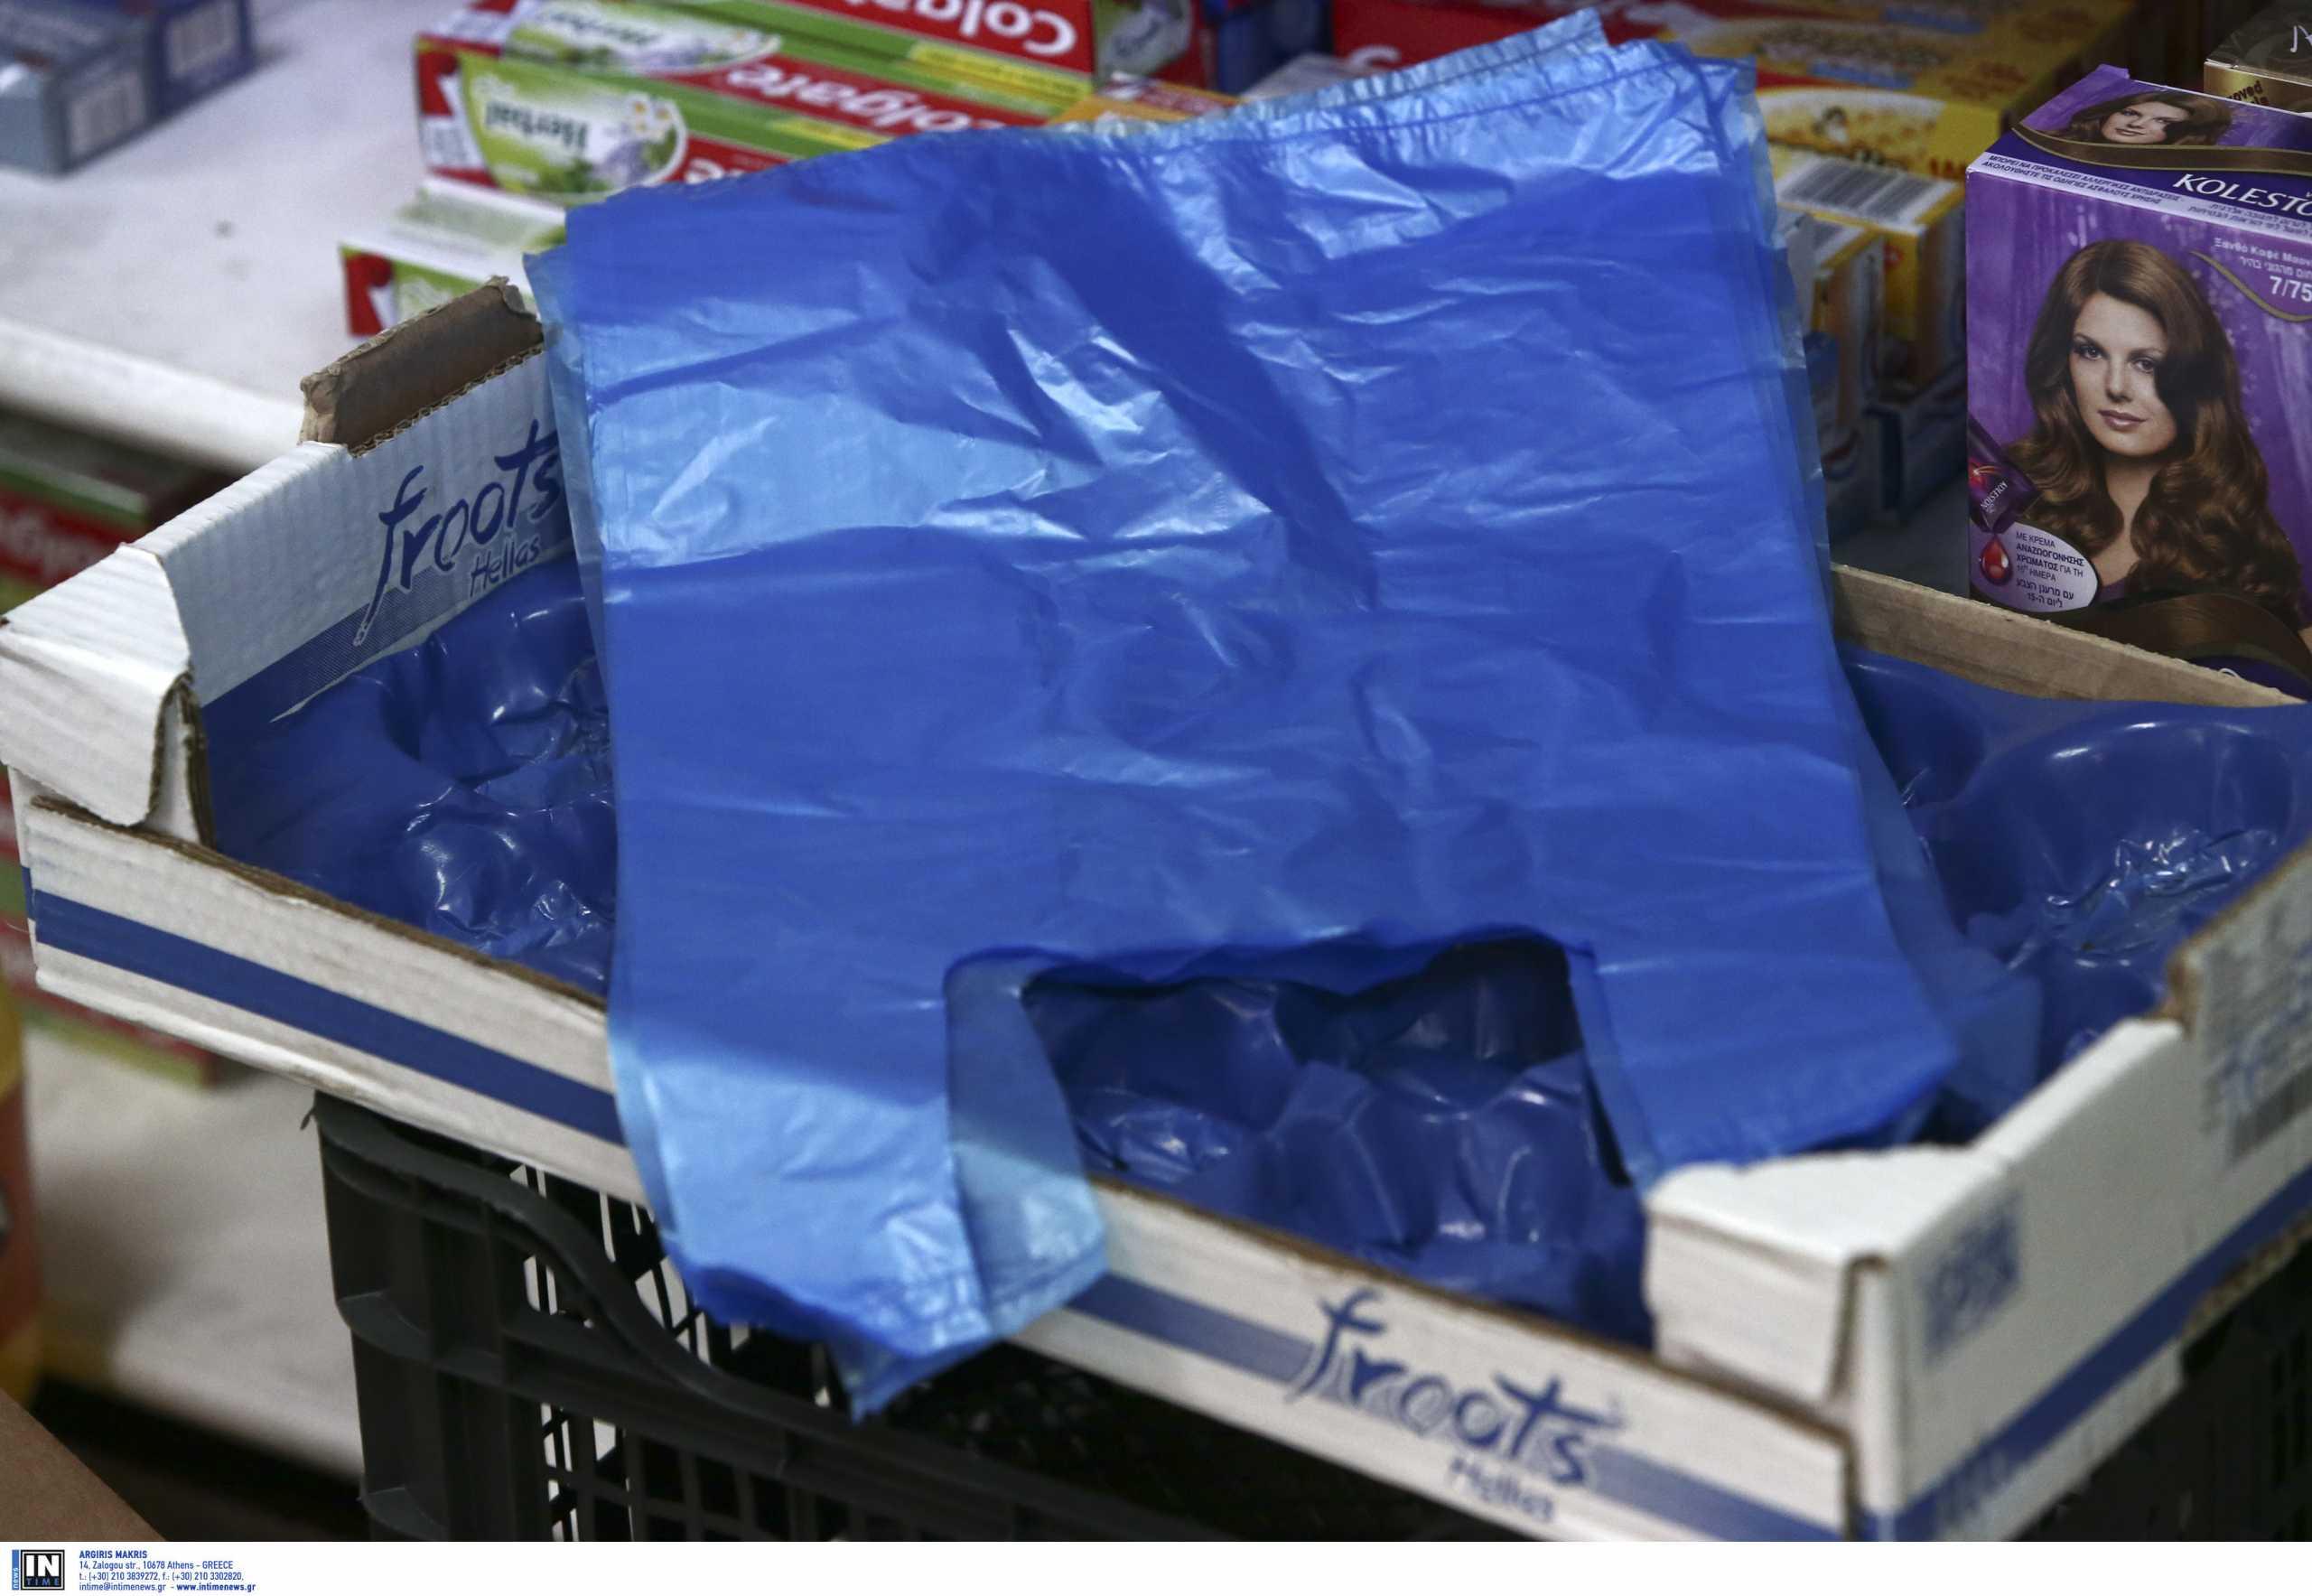 Αντίο πλαστικές σακούλες: Μείωση 99,9% στη χρήση του στα σούπερ μάρκετ το 2020